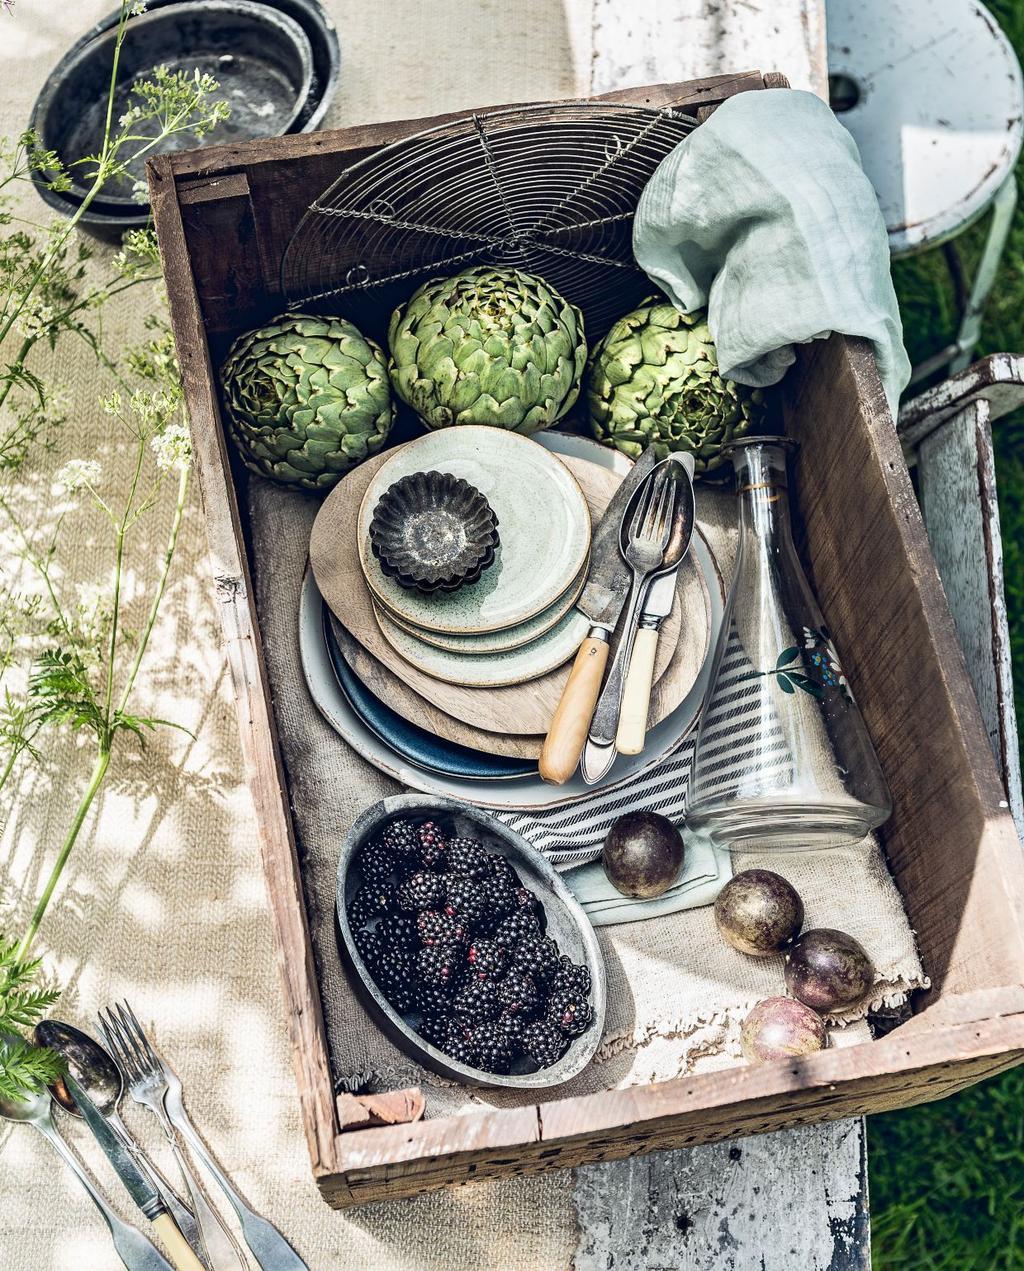 vtwonen 07-2017 | kist met eten buiten